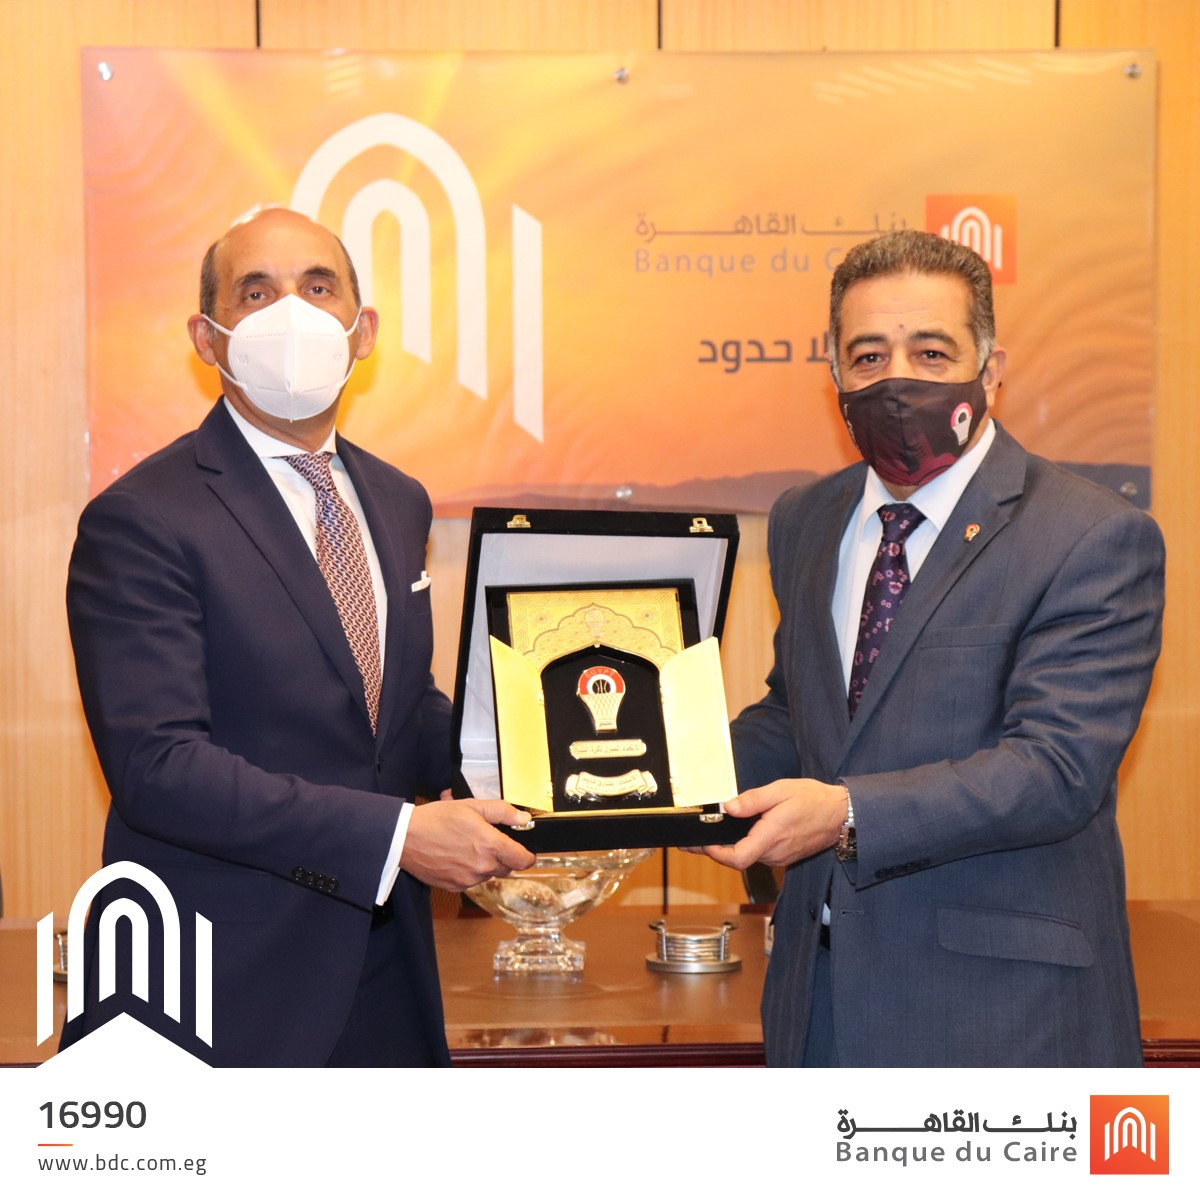 تكريم بنك القاهرة من الإتحاد المصرى لكرة السلة تقديراً لإسهاماته الرائدة فى مساندة القطاع الرياضى